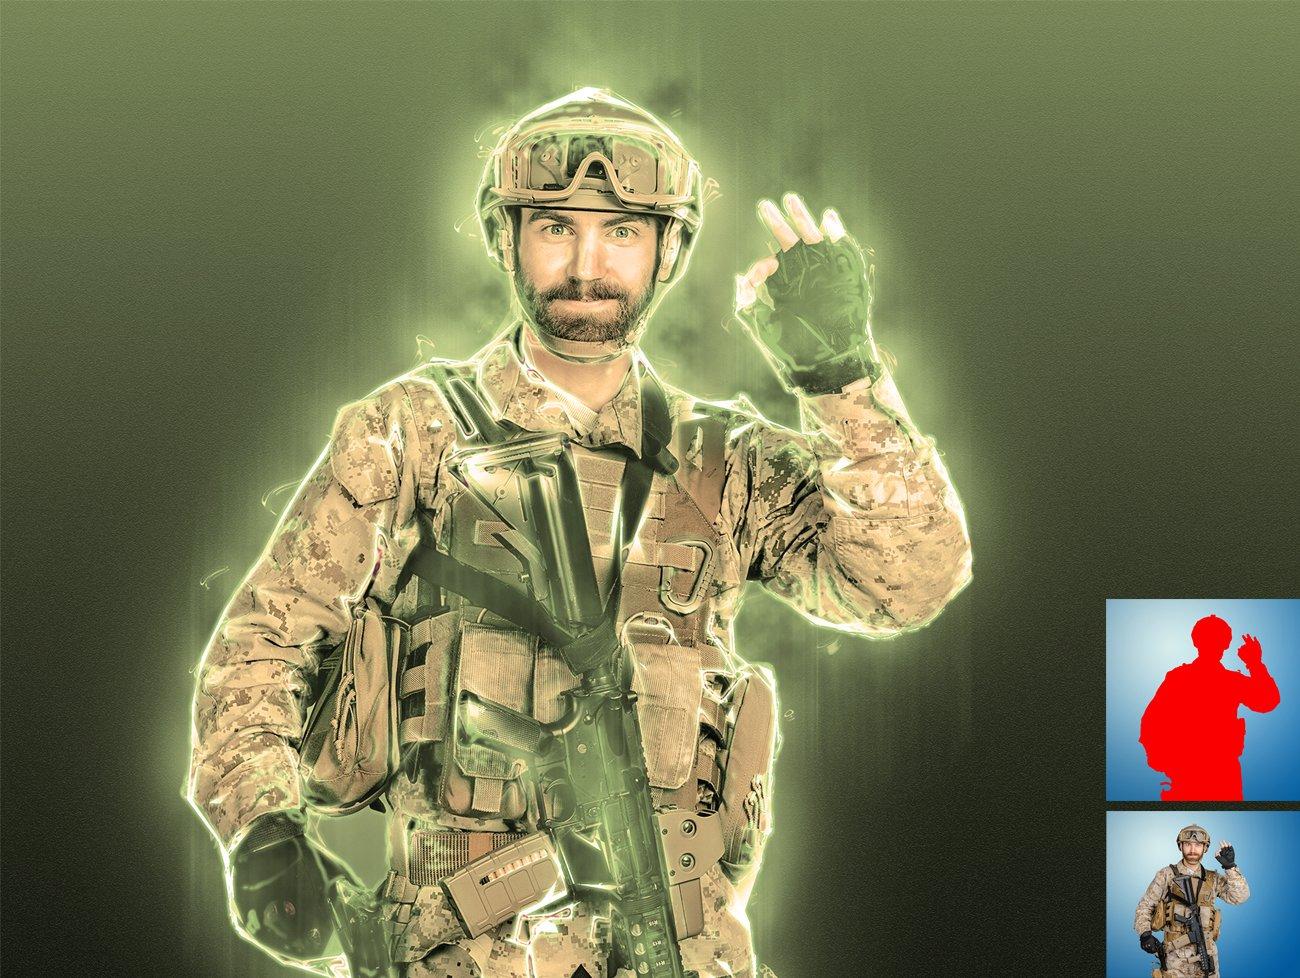 超炫能力发光效果照片处理特效PS动作素材 Light Photoshop Action插图6